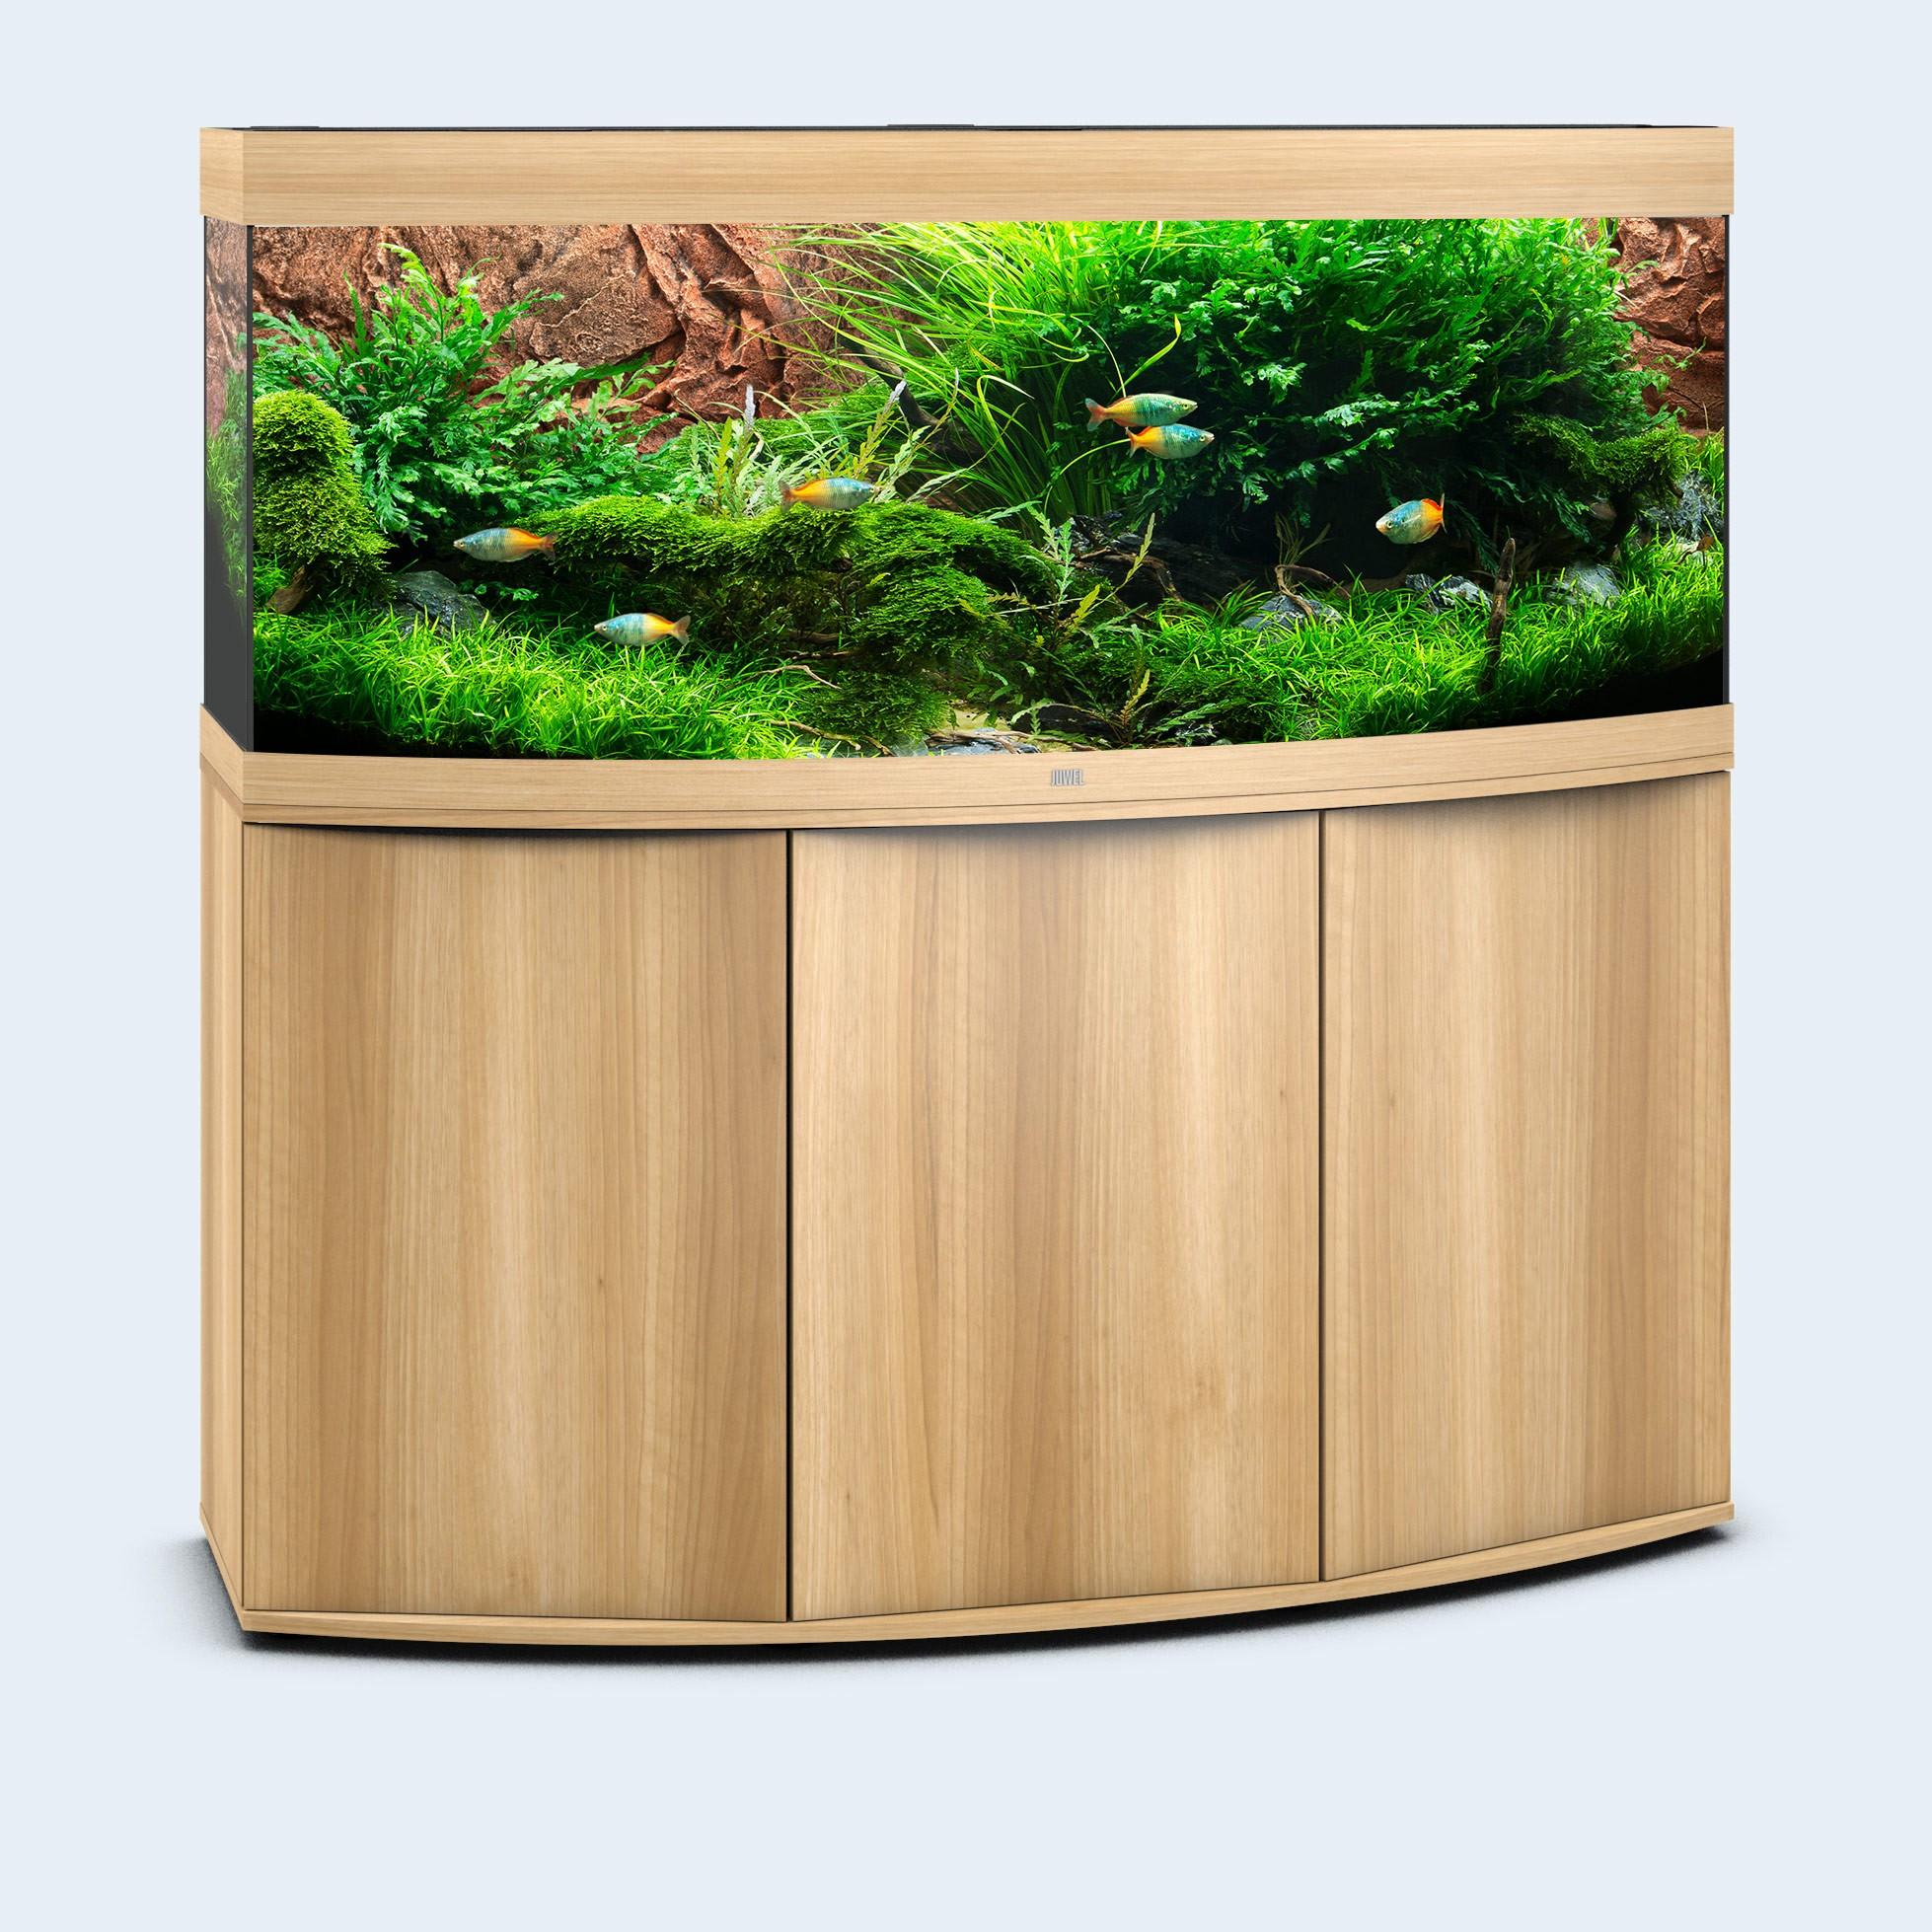 Juwel vision 450 liter lyst træ med underskab og Ledlys